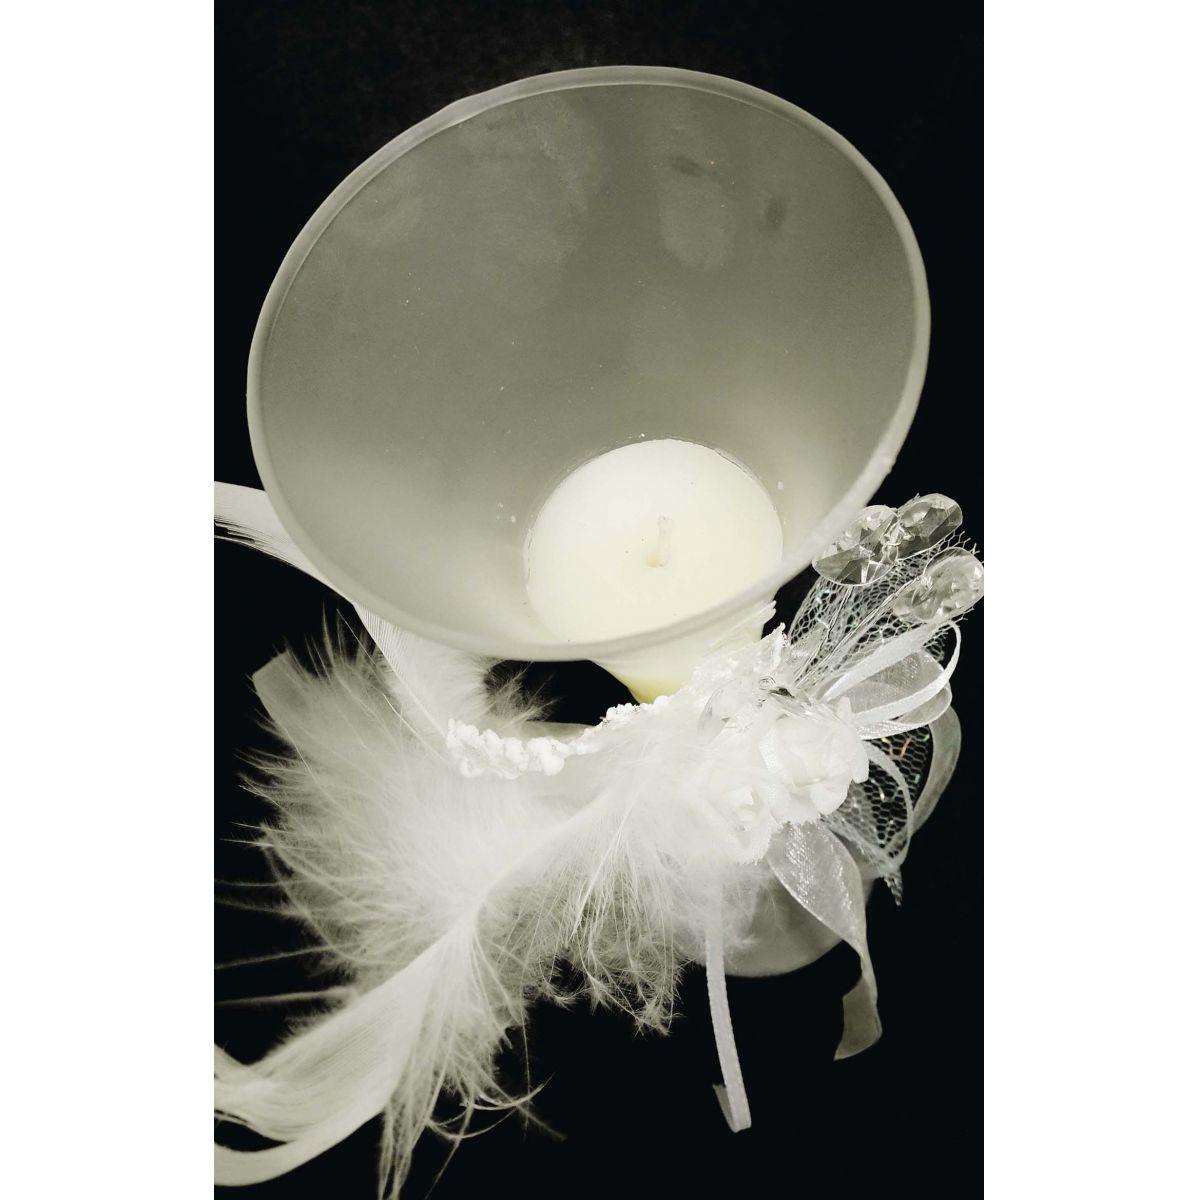 Vela Parafina Enfeite Mesa Festa Casamento 15 Anos Grande Flor Branca (WL-A)